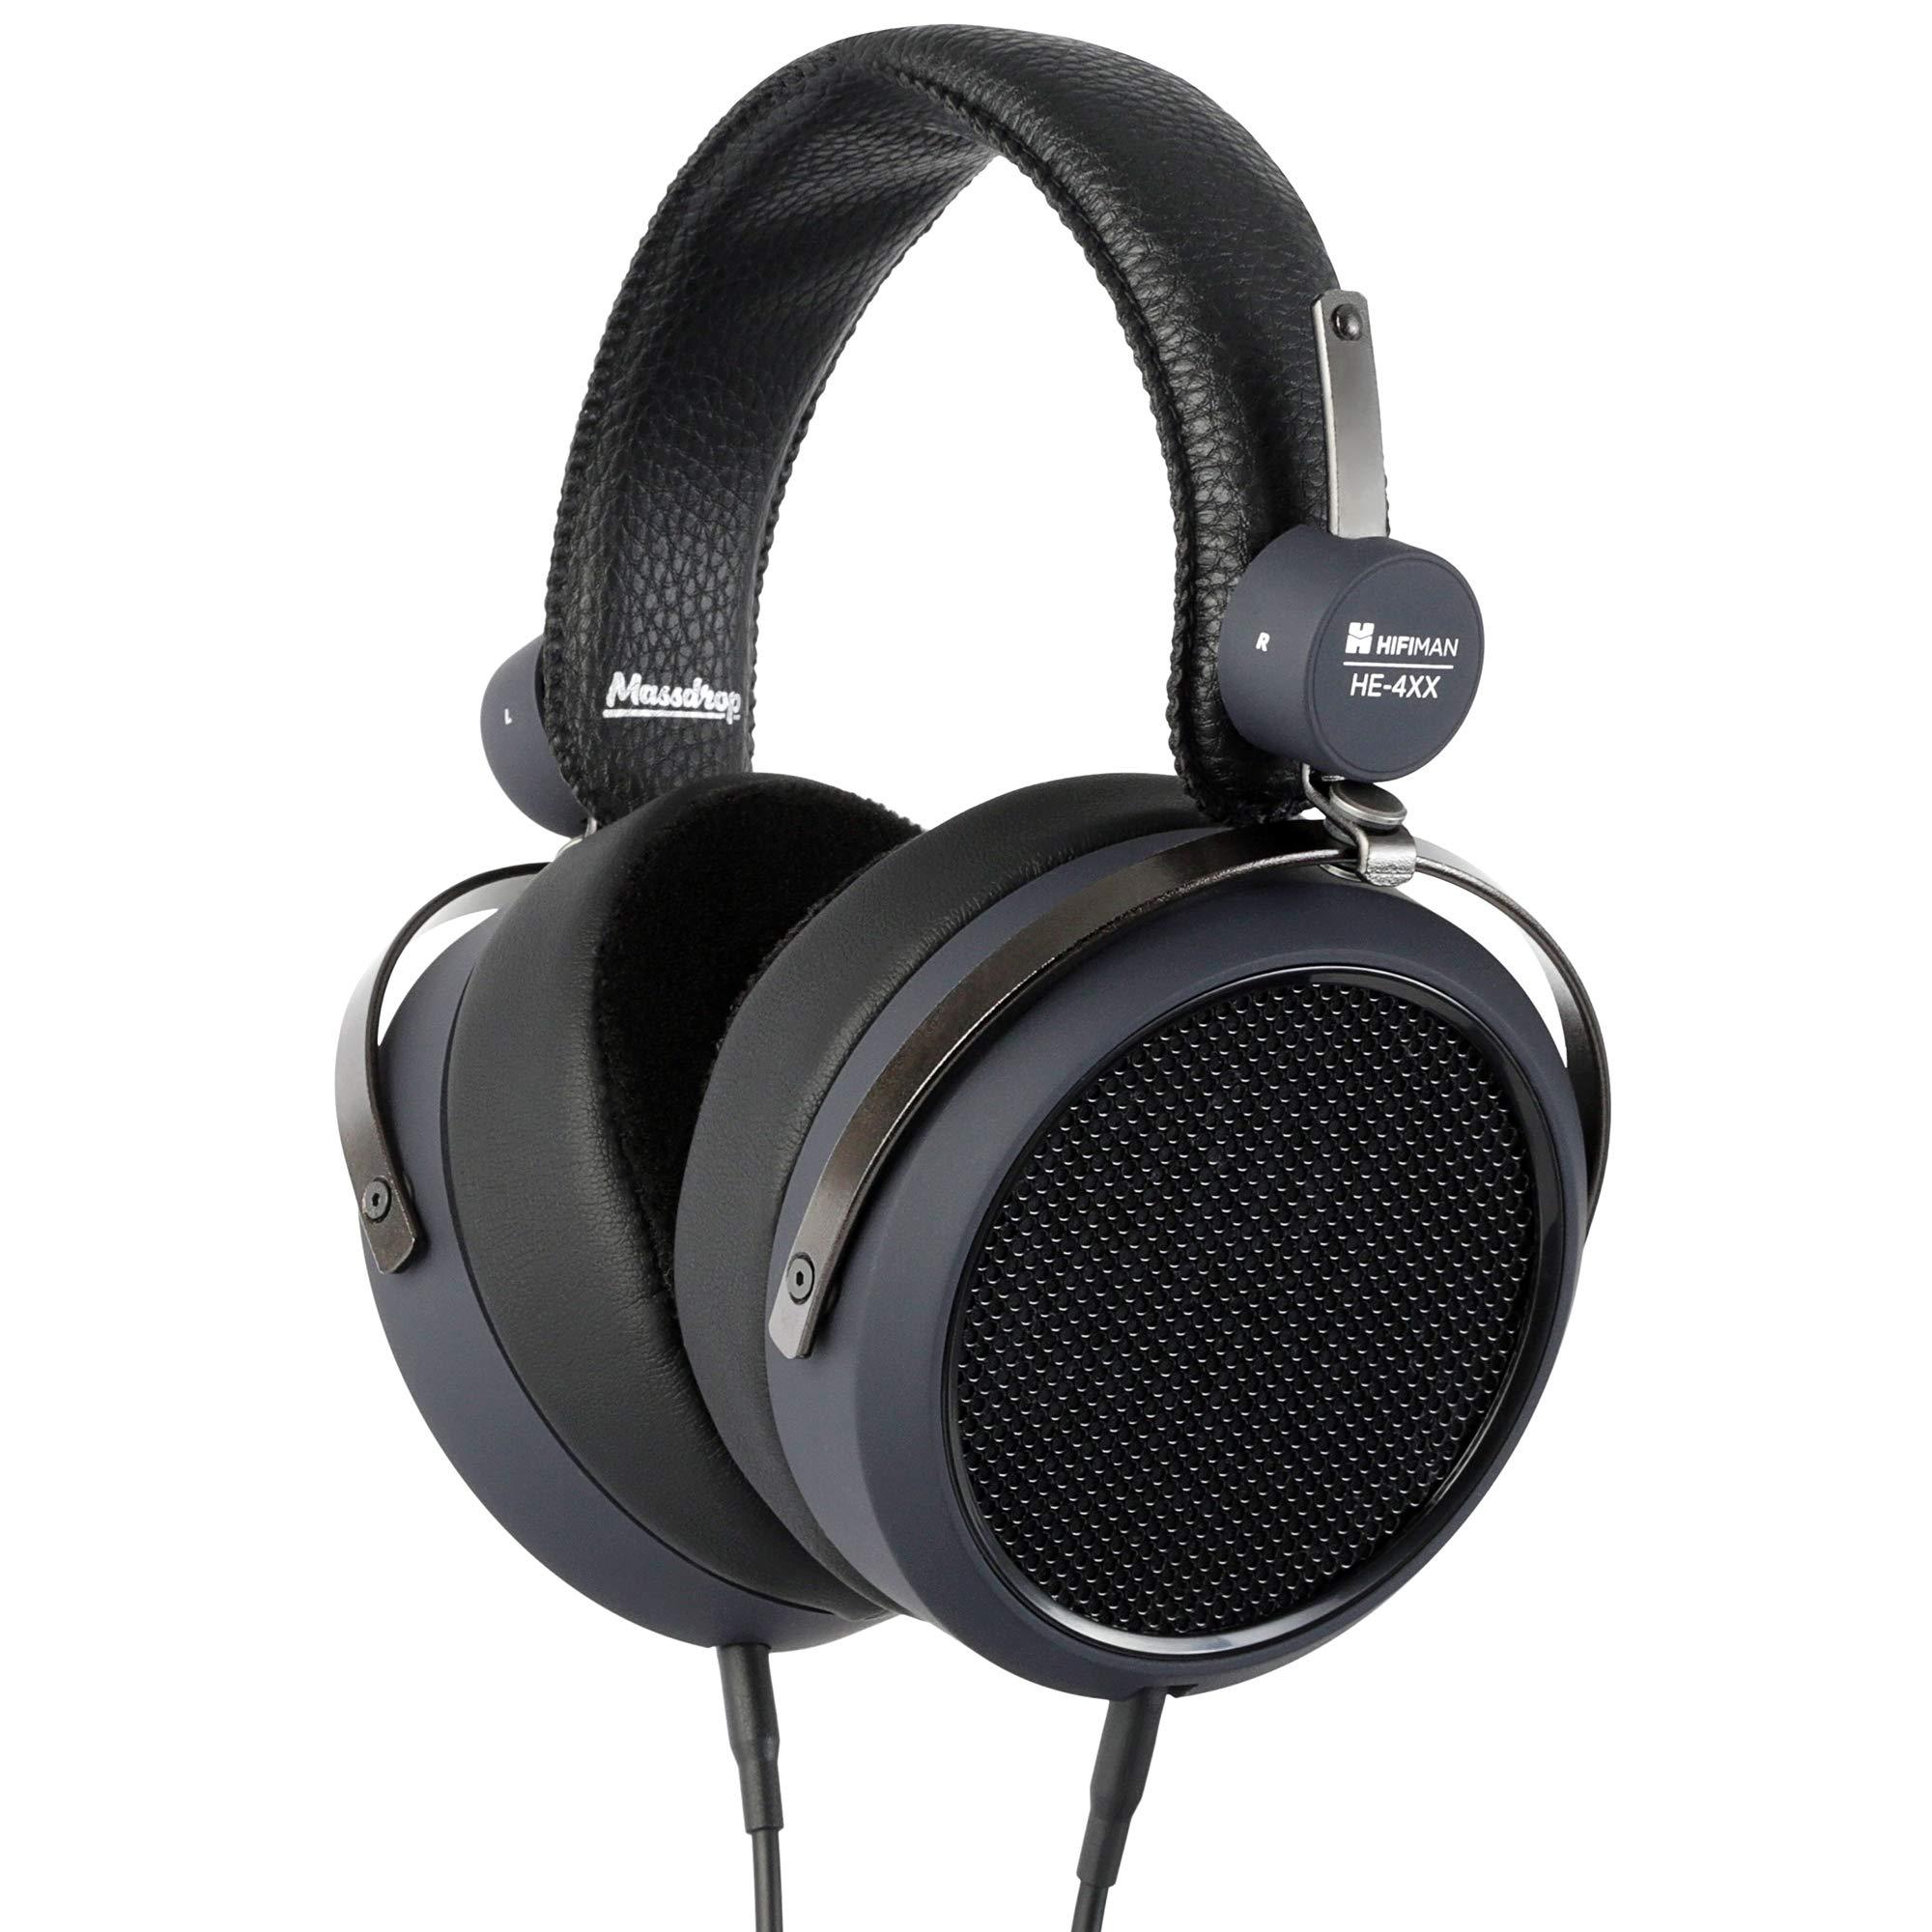 Massdrop HE4XX Magnetic Open Back Headphones